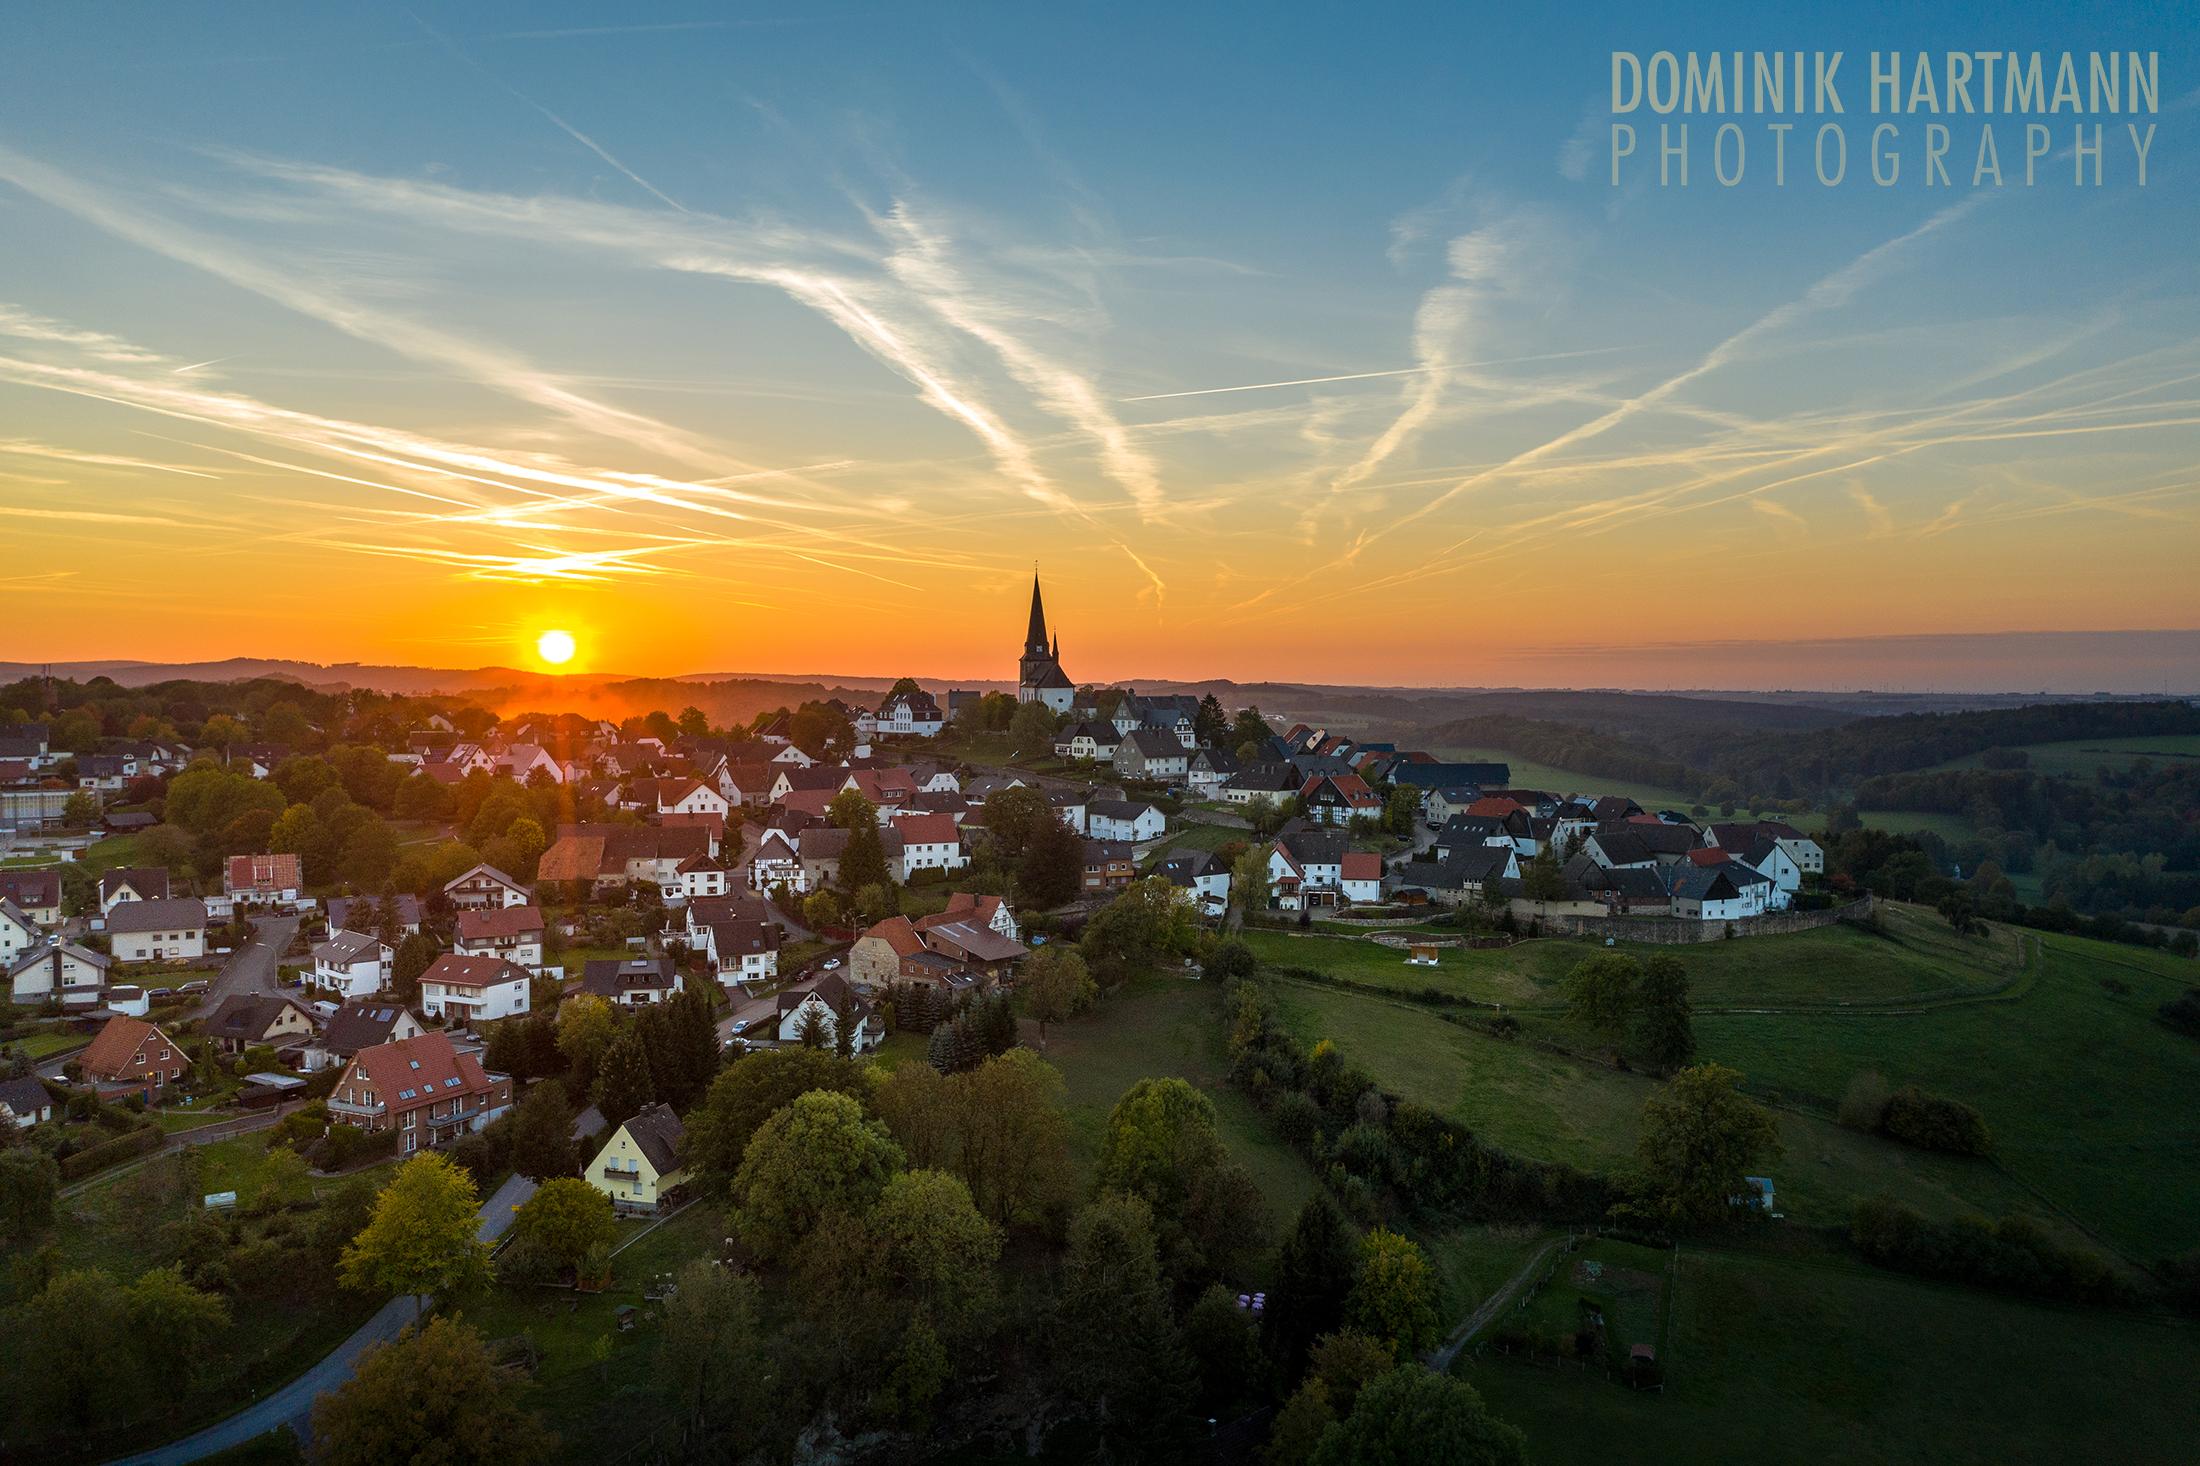 Dominik Hartmann Sauerland Kallenhardt sunset